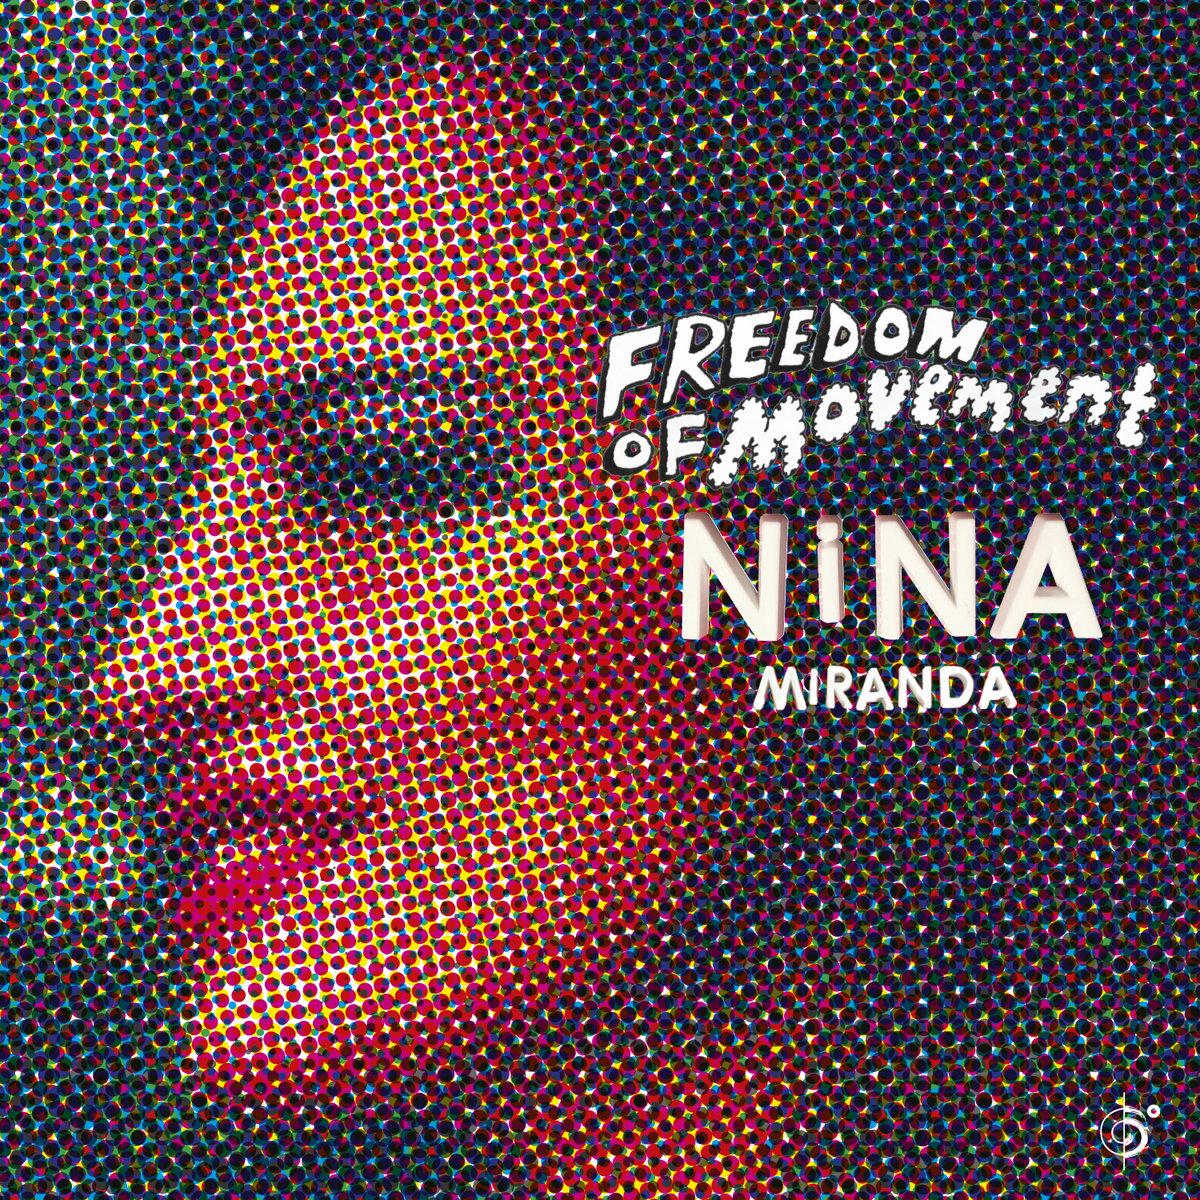 e77e5523c Freedom Of Movement